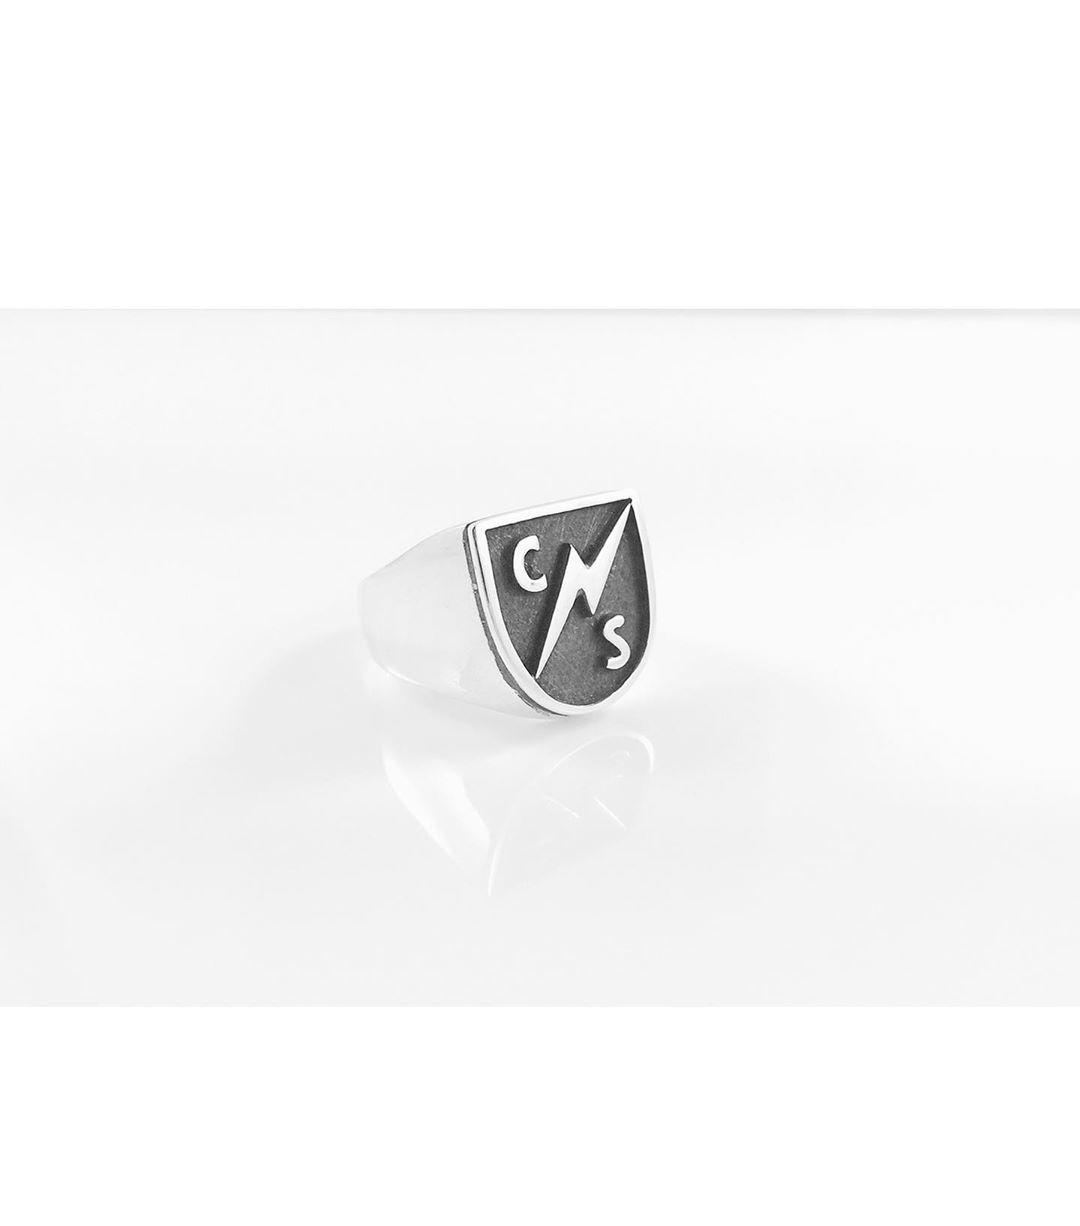 画像: マイリーが特注した指輪のデザインは?